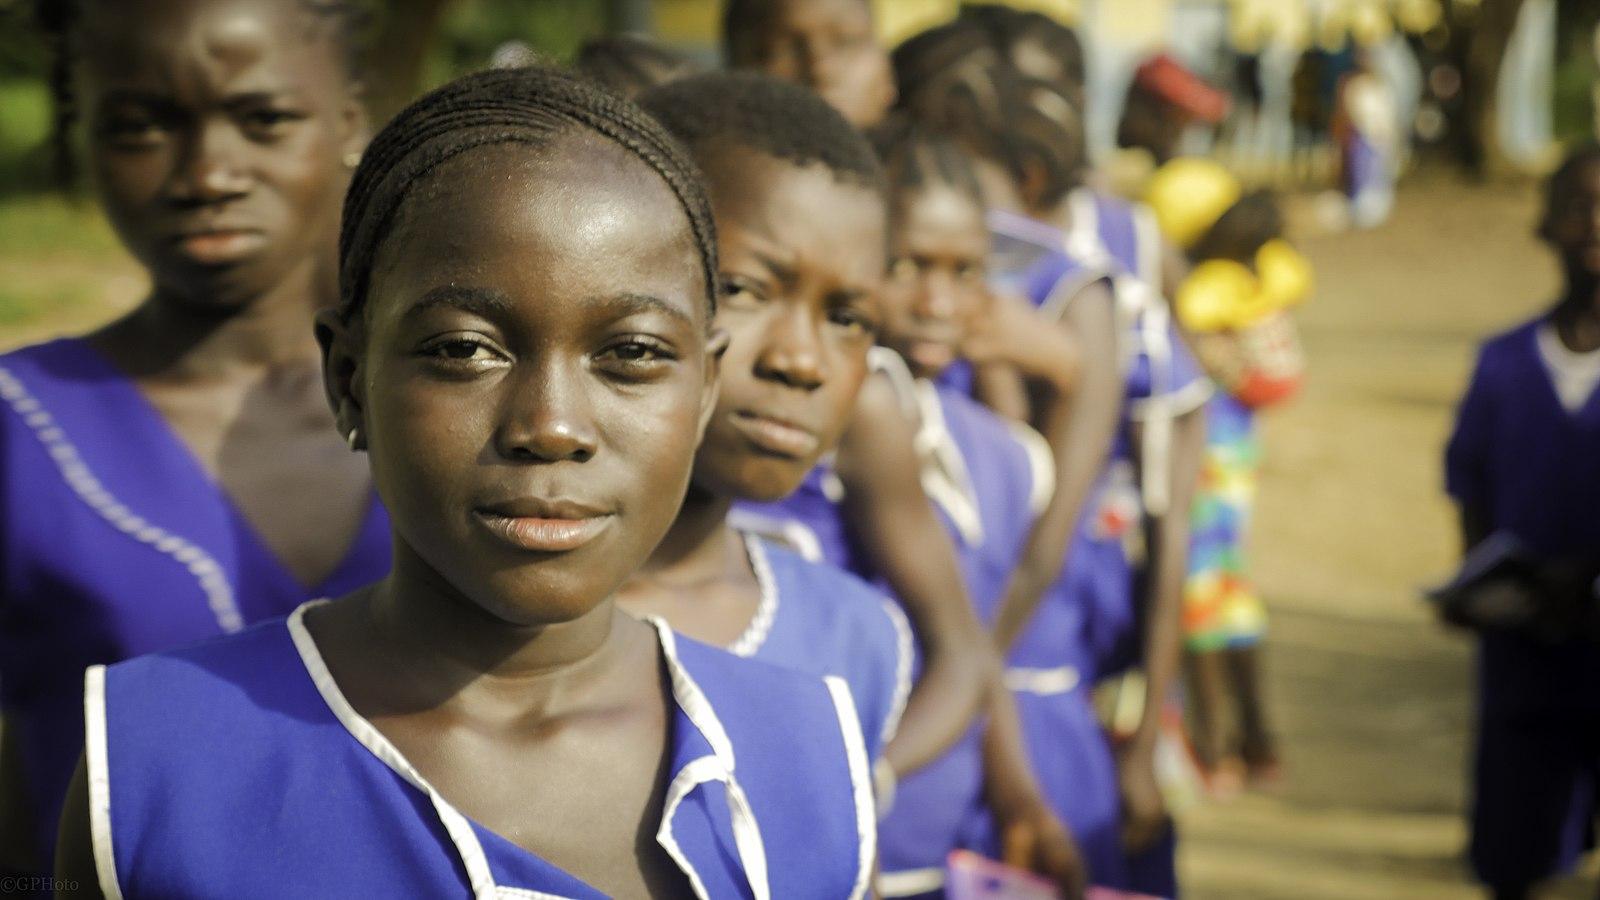 Une longue file d'élèves en uniforme devant une école en Sierra Leone.